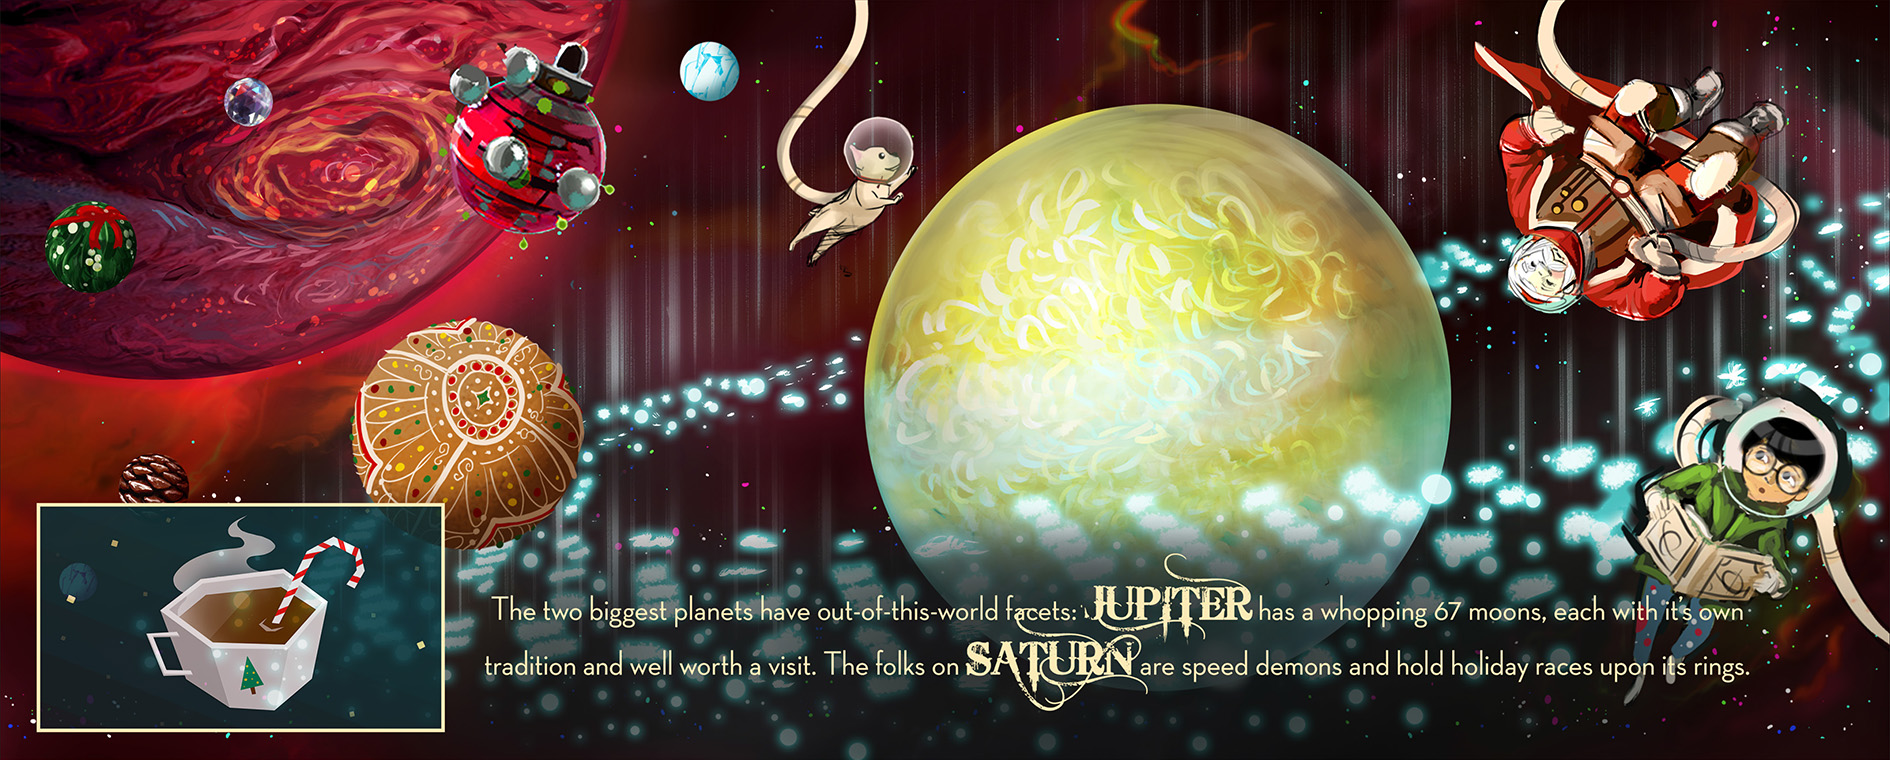 Jupiter + Saturn